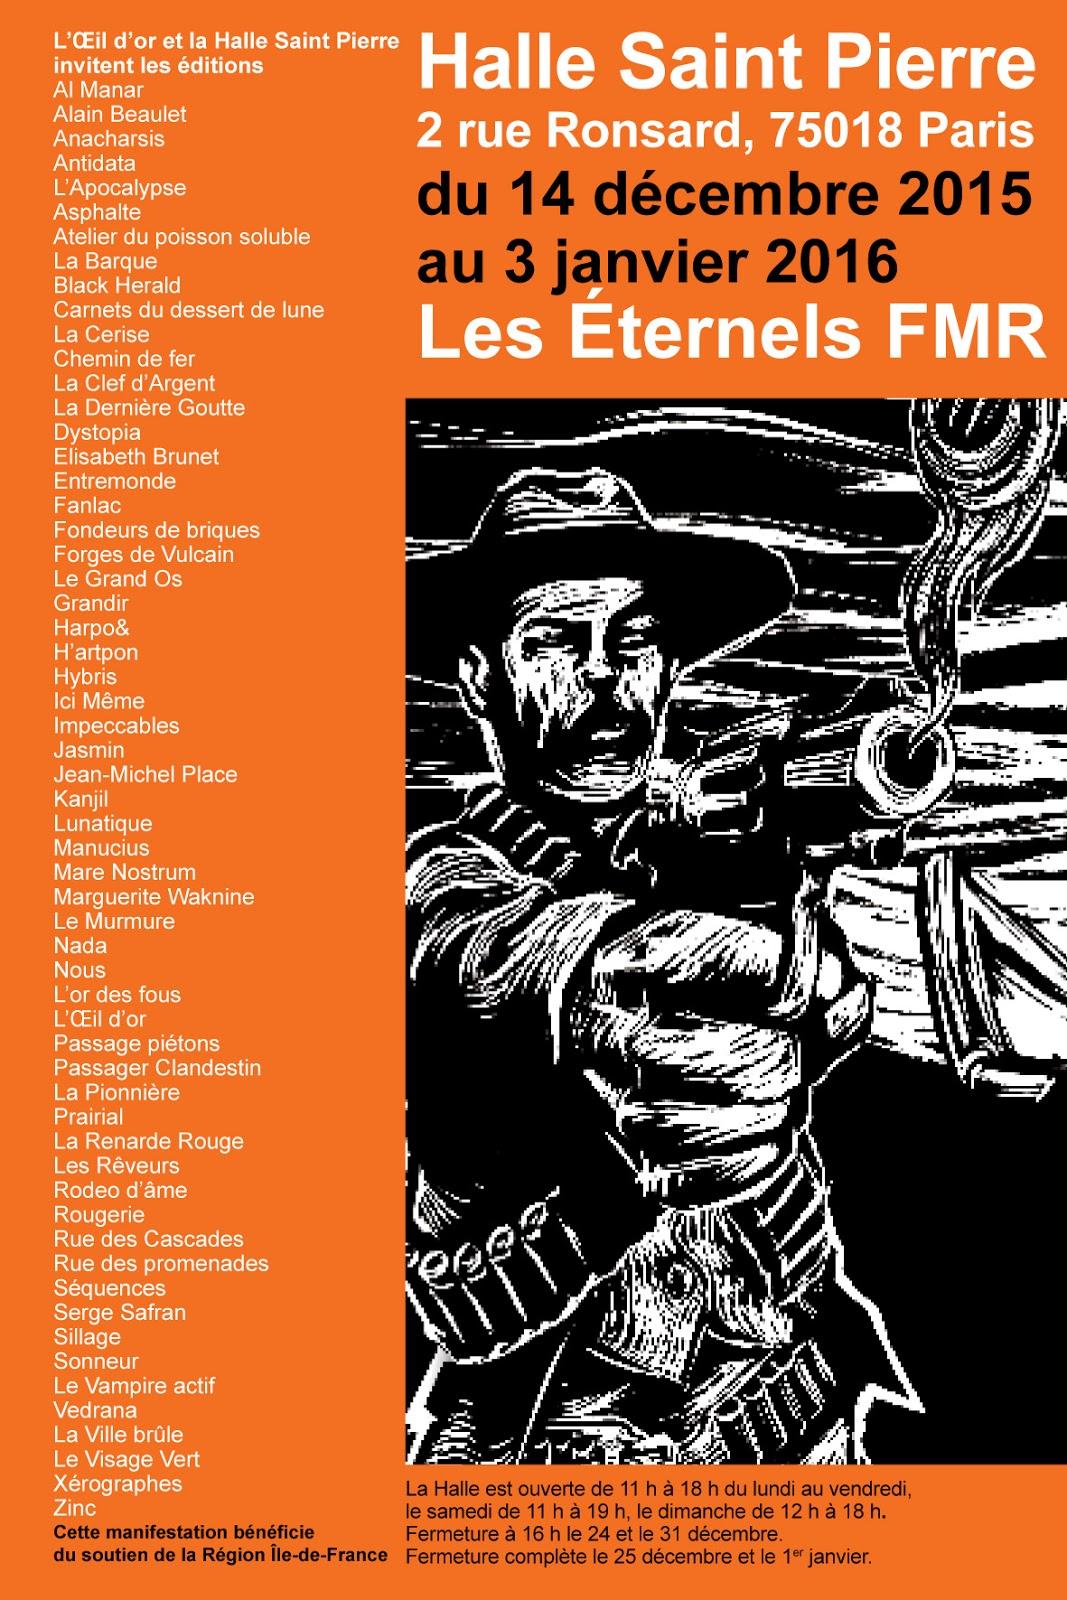 Fmr Site De Rencontre – meetingair-saintdizier.frcom